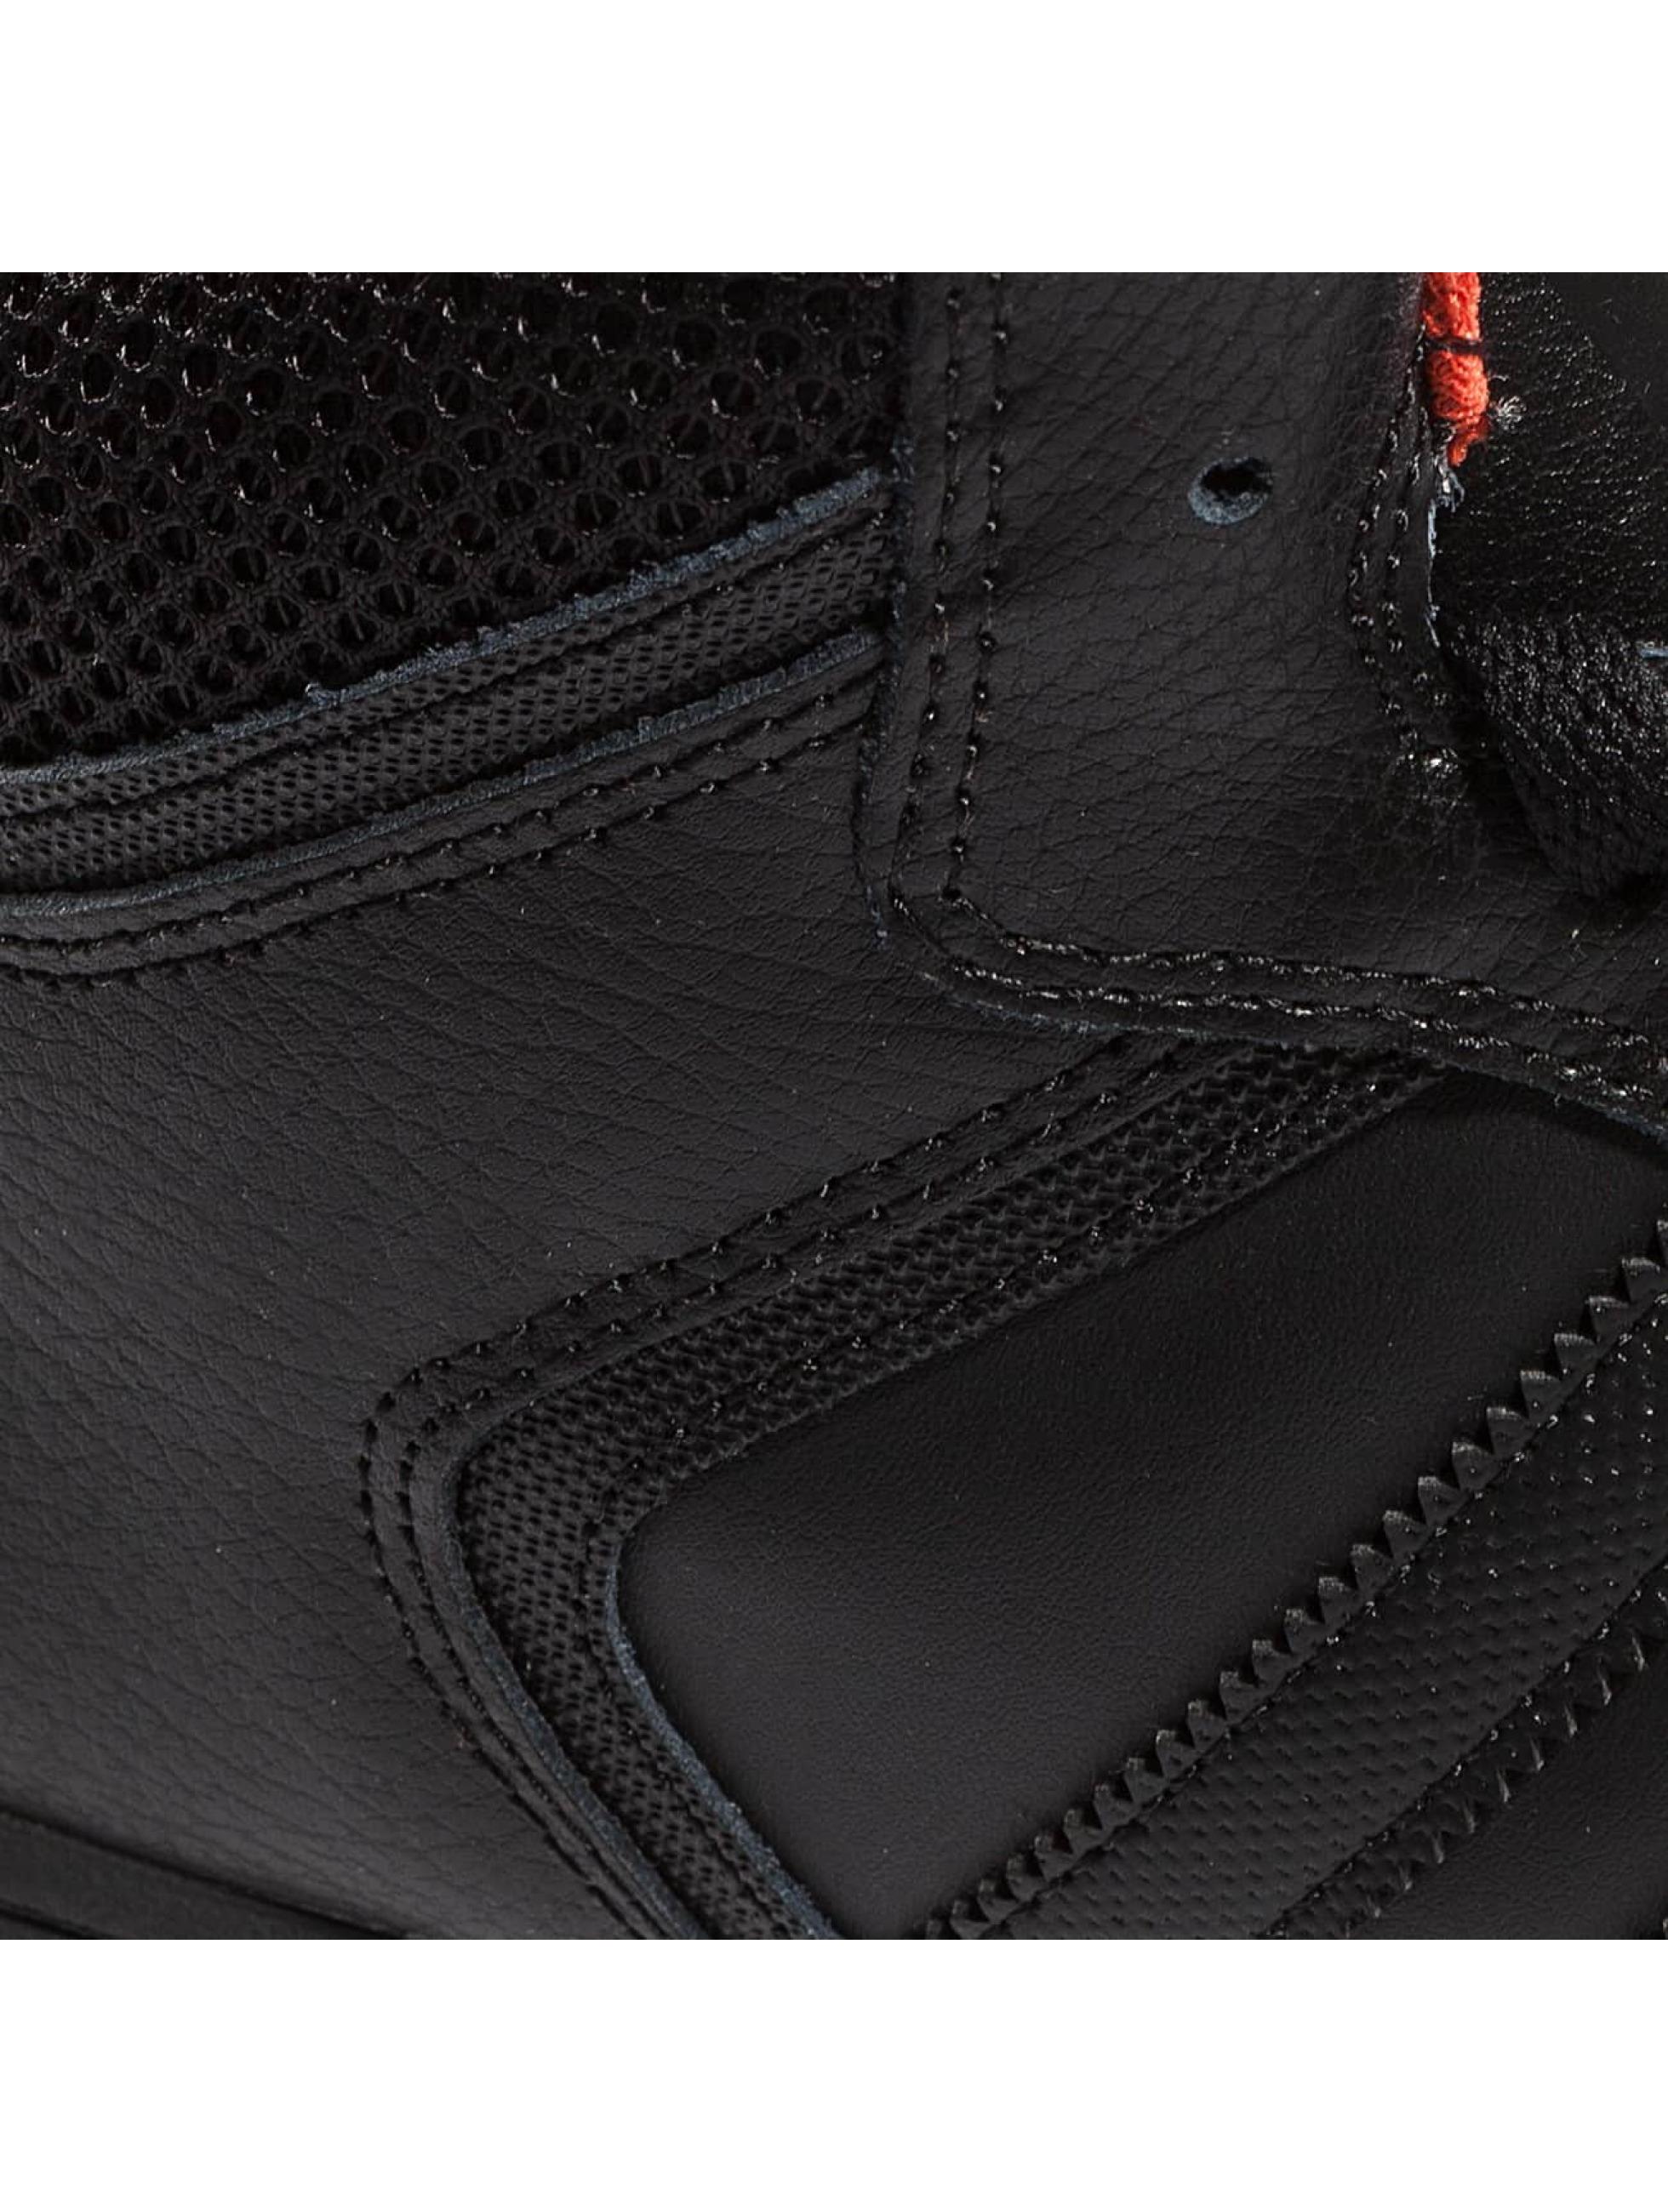 adidas Sneakers Varial Mid black